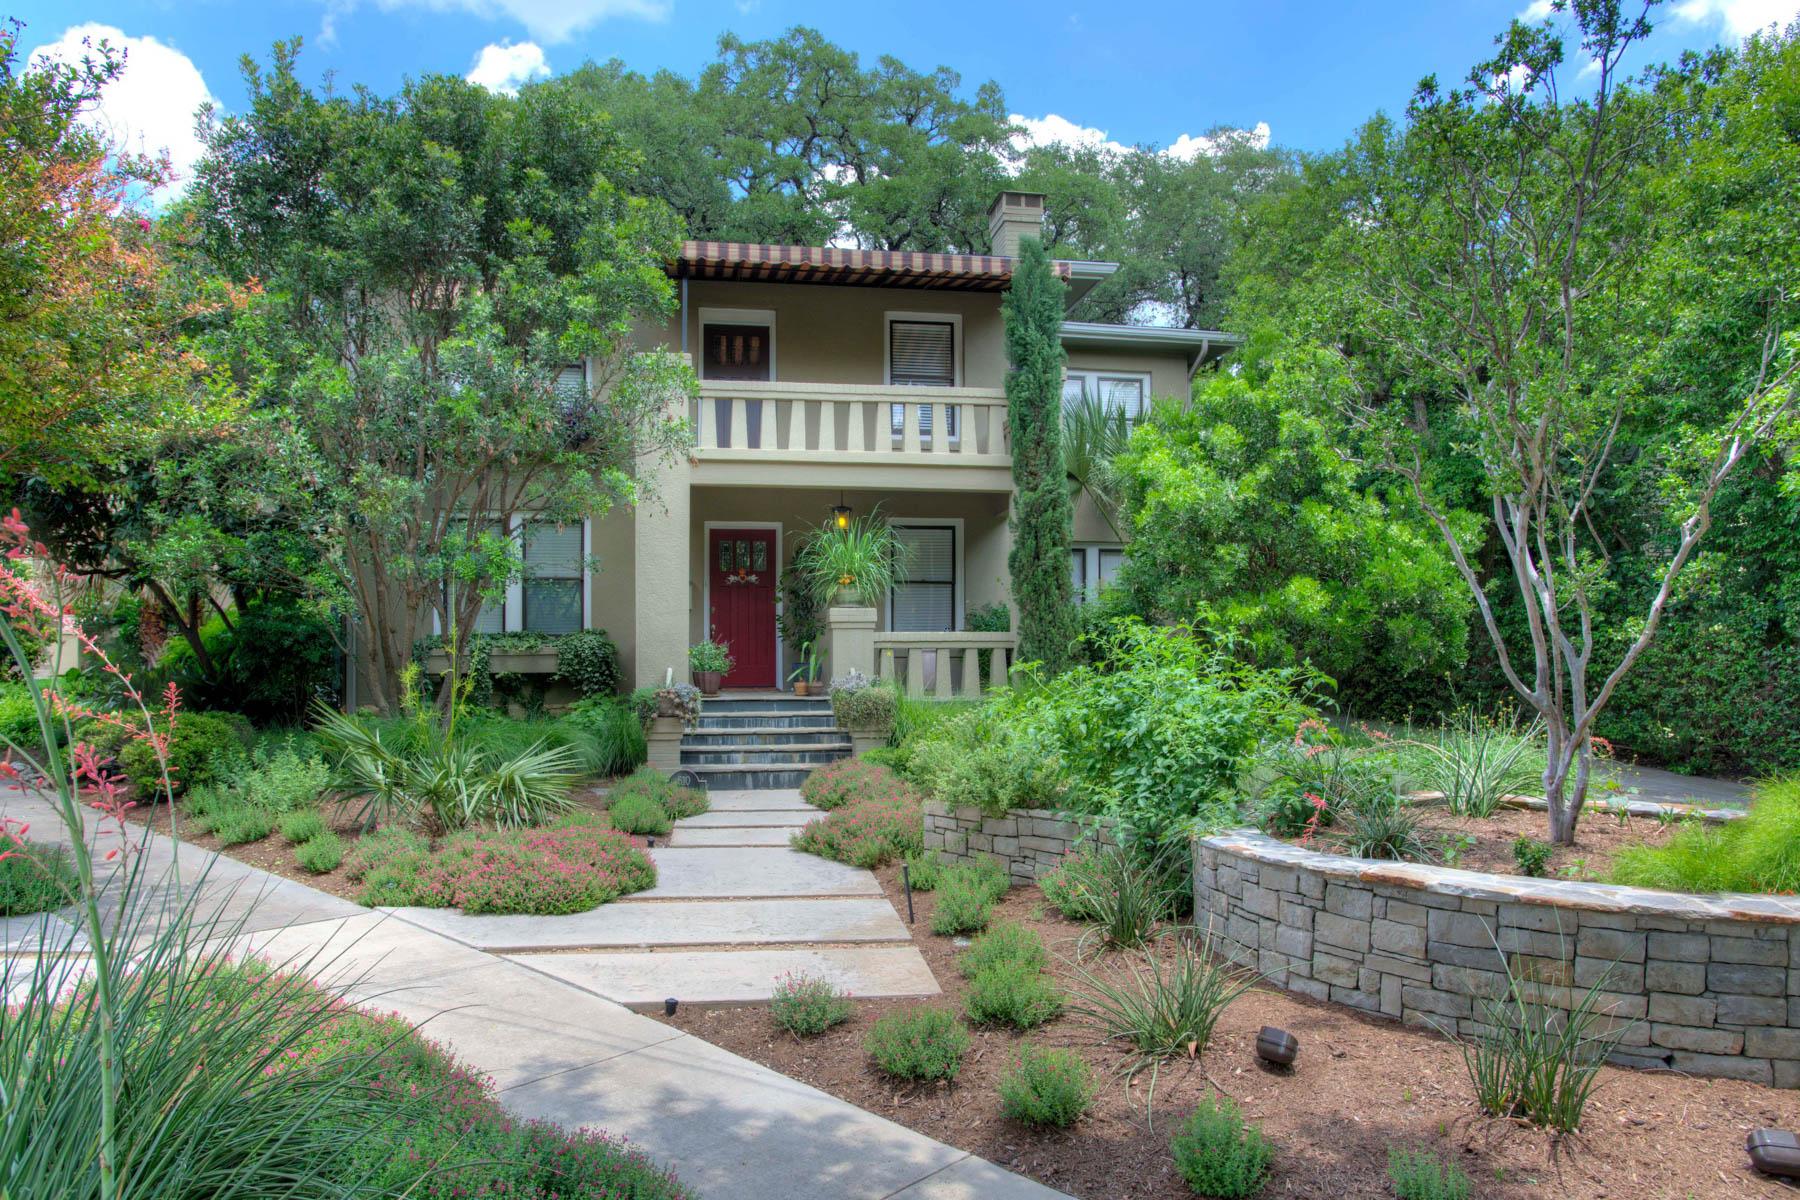 Maison unifamiliale pour l Vente à 1917 Prairie Style Home in Alamo Heights 610 Patterson Ave Alamo Heights, San Antonio, Texas, 78209 États-Unis